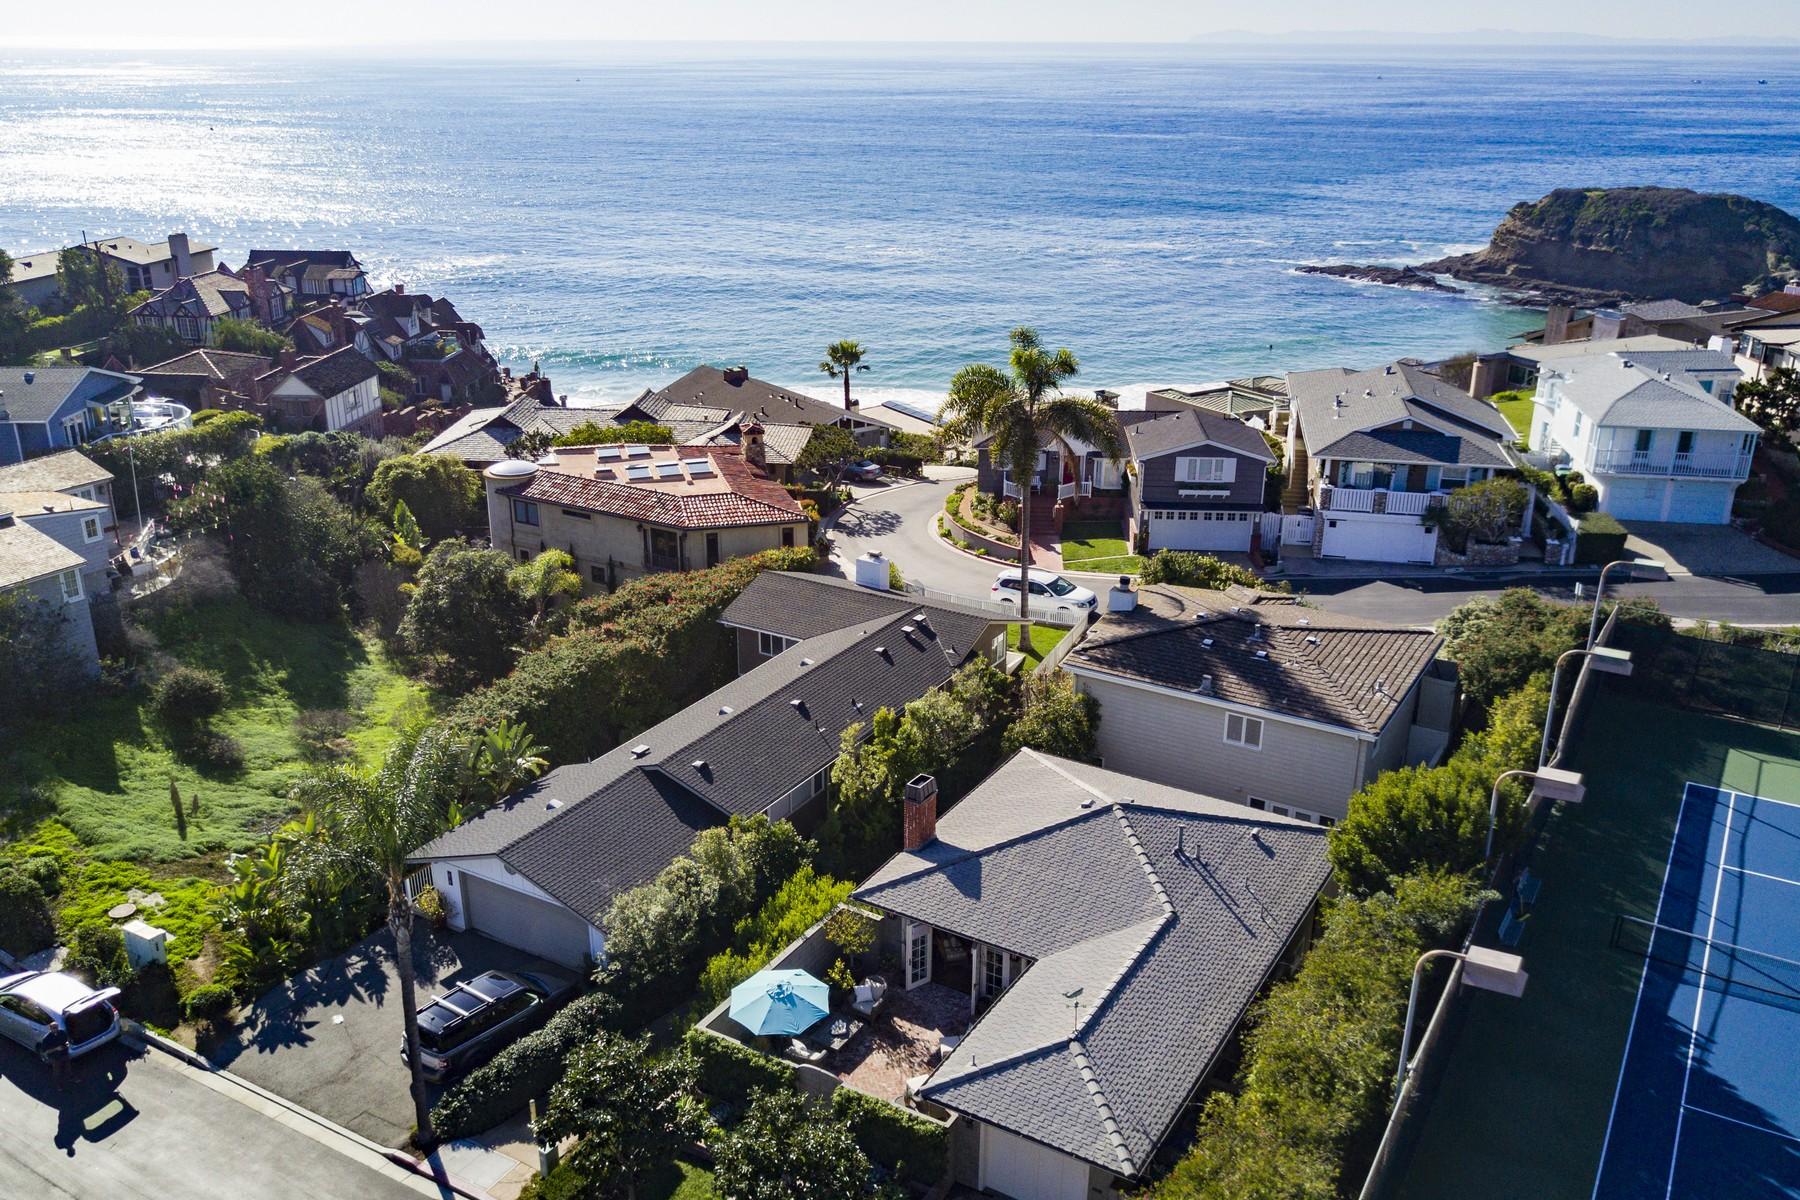 独户住宅 为 销售 在 58 S. La Senda Dr. 拉古纳, 加利福尼亚州, 92651 美国